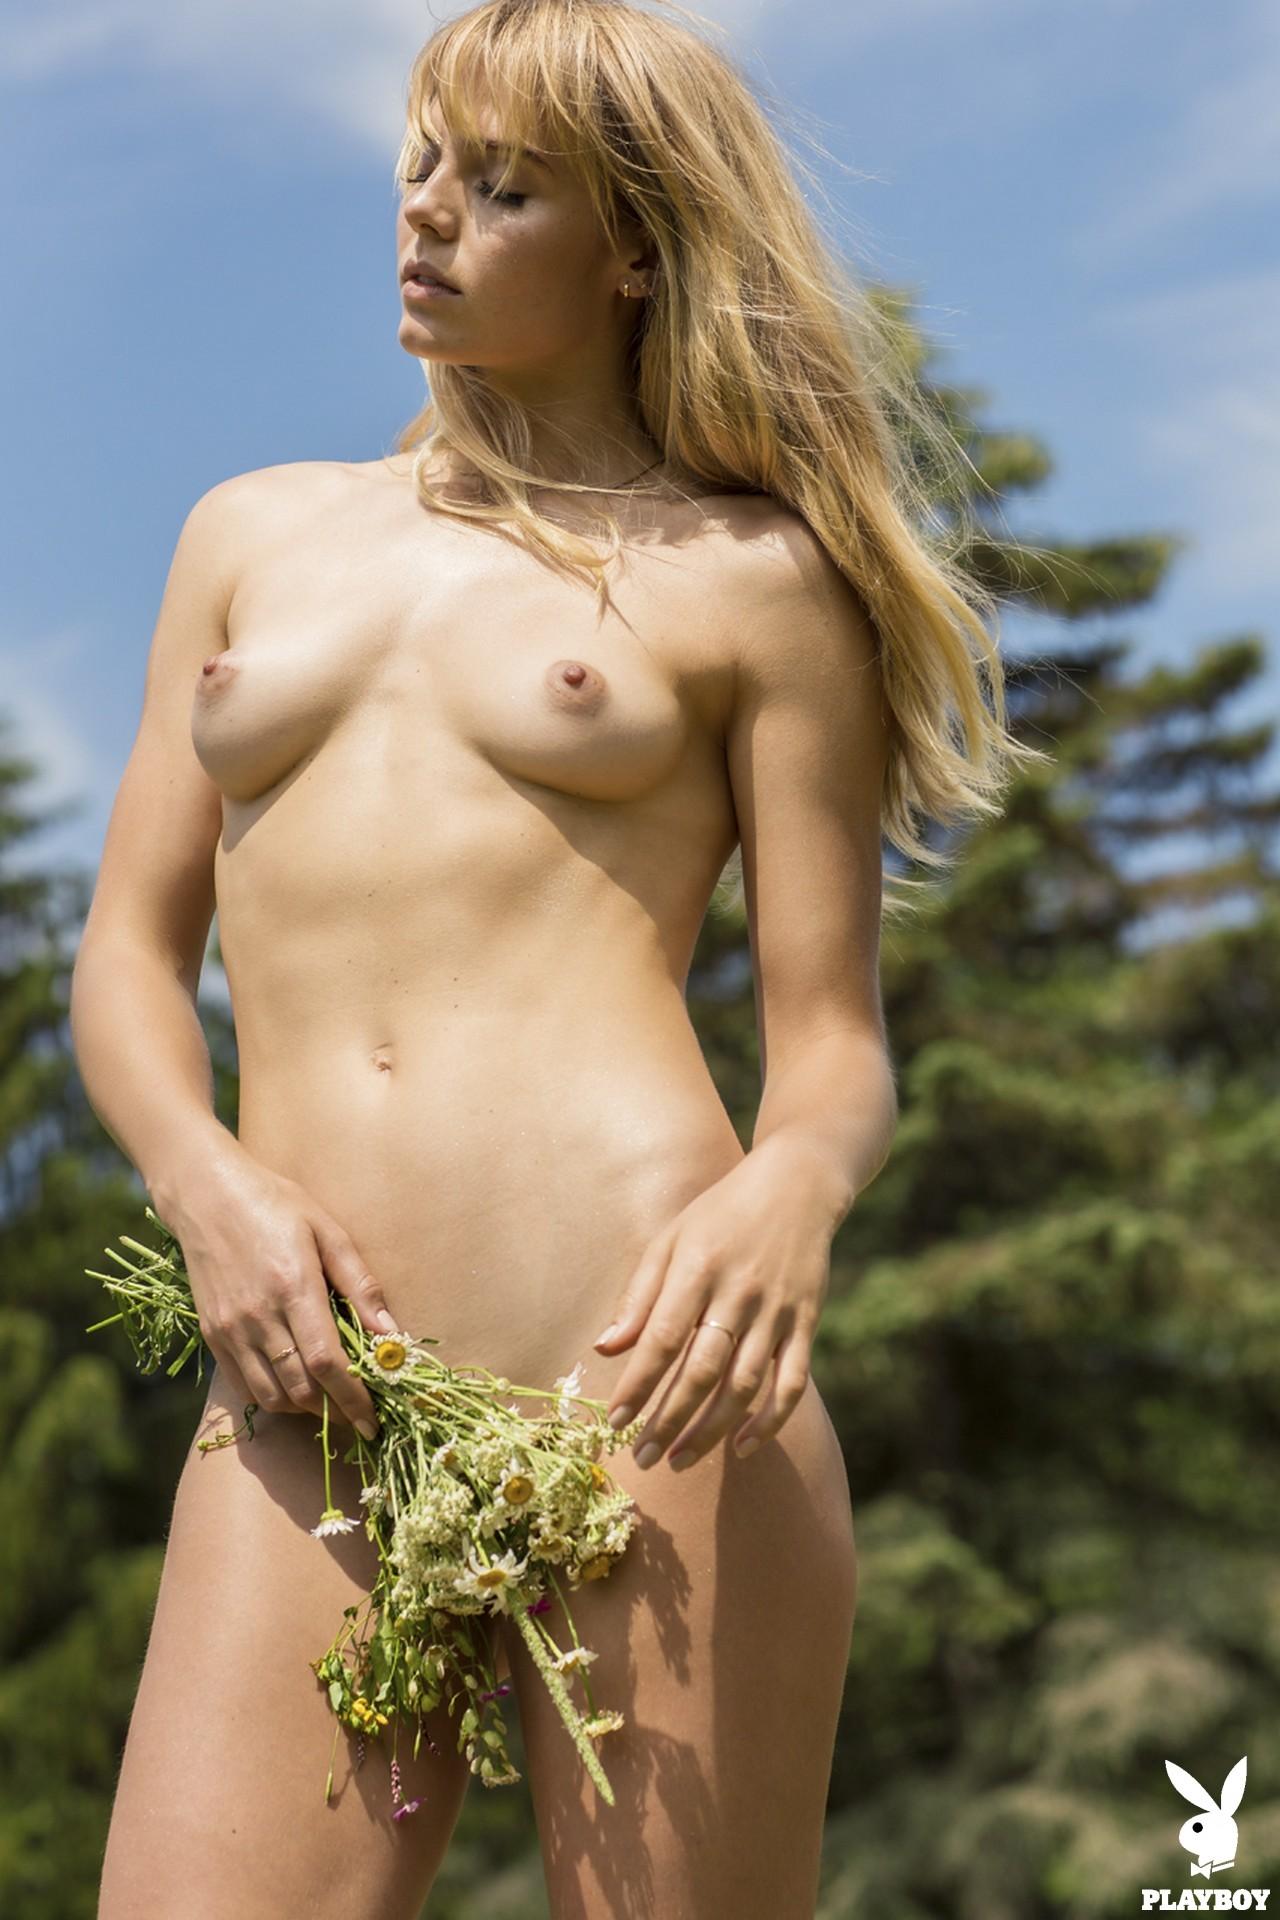 Jordy Murray in Feeling Groovy - Playboy Plus 20